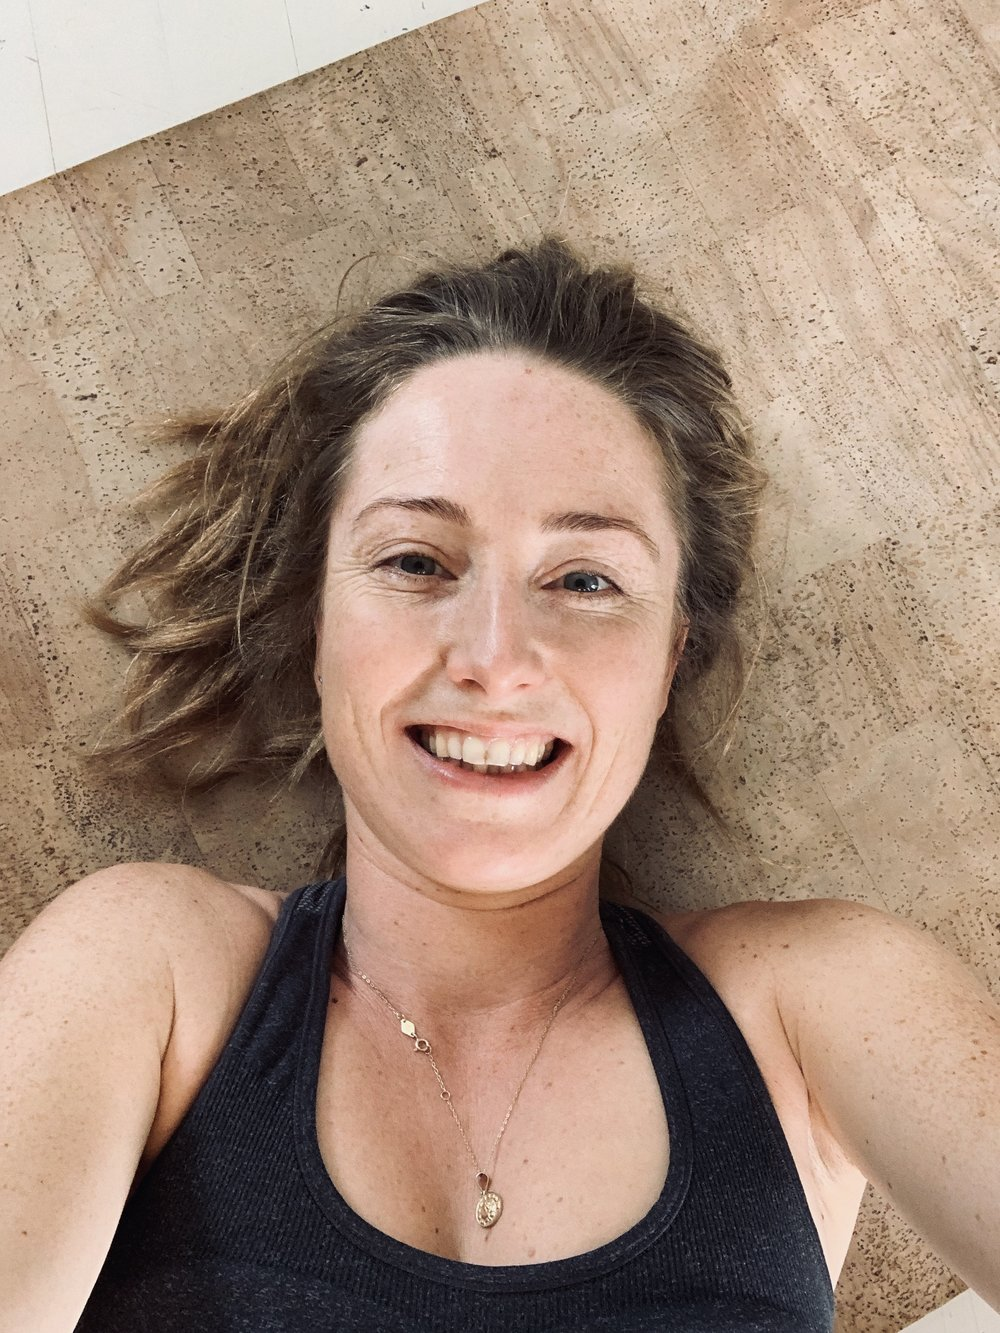 Sånn går det … Etter 5 minutter på stuegulvet er både smil og svette på plass. Rett som det er blir det 10 minutter også!